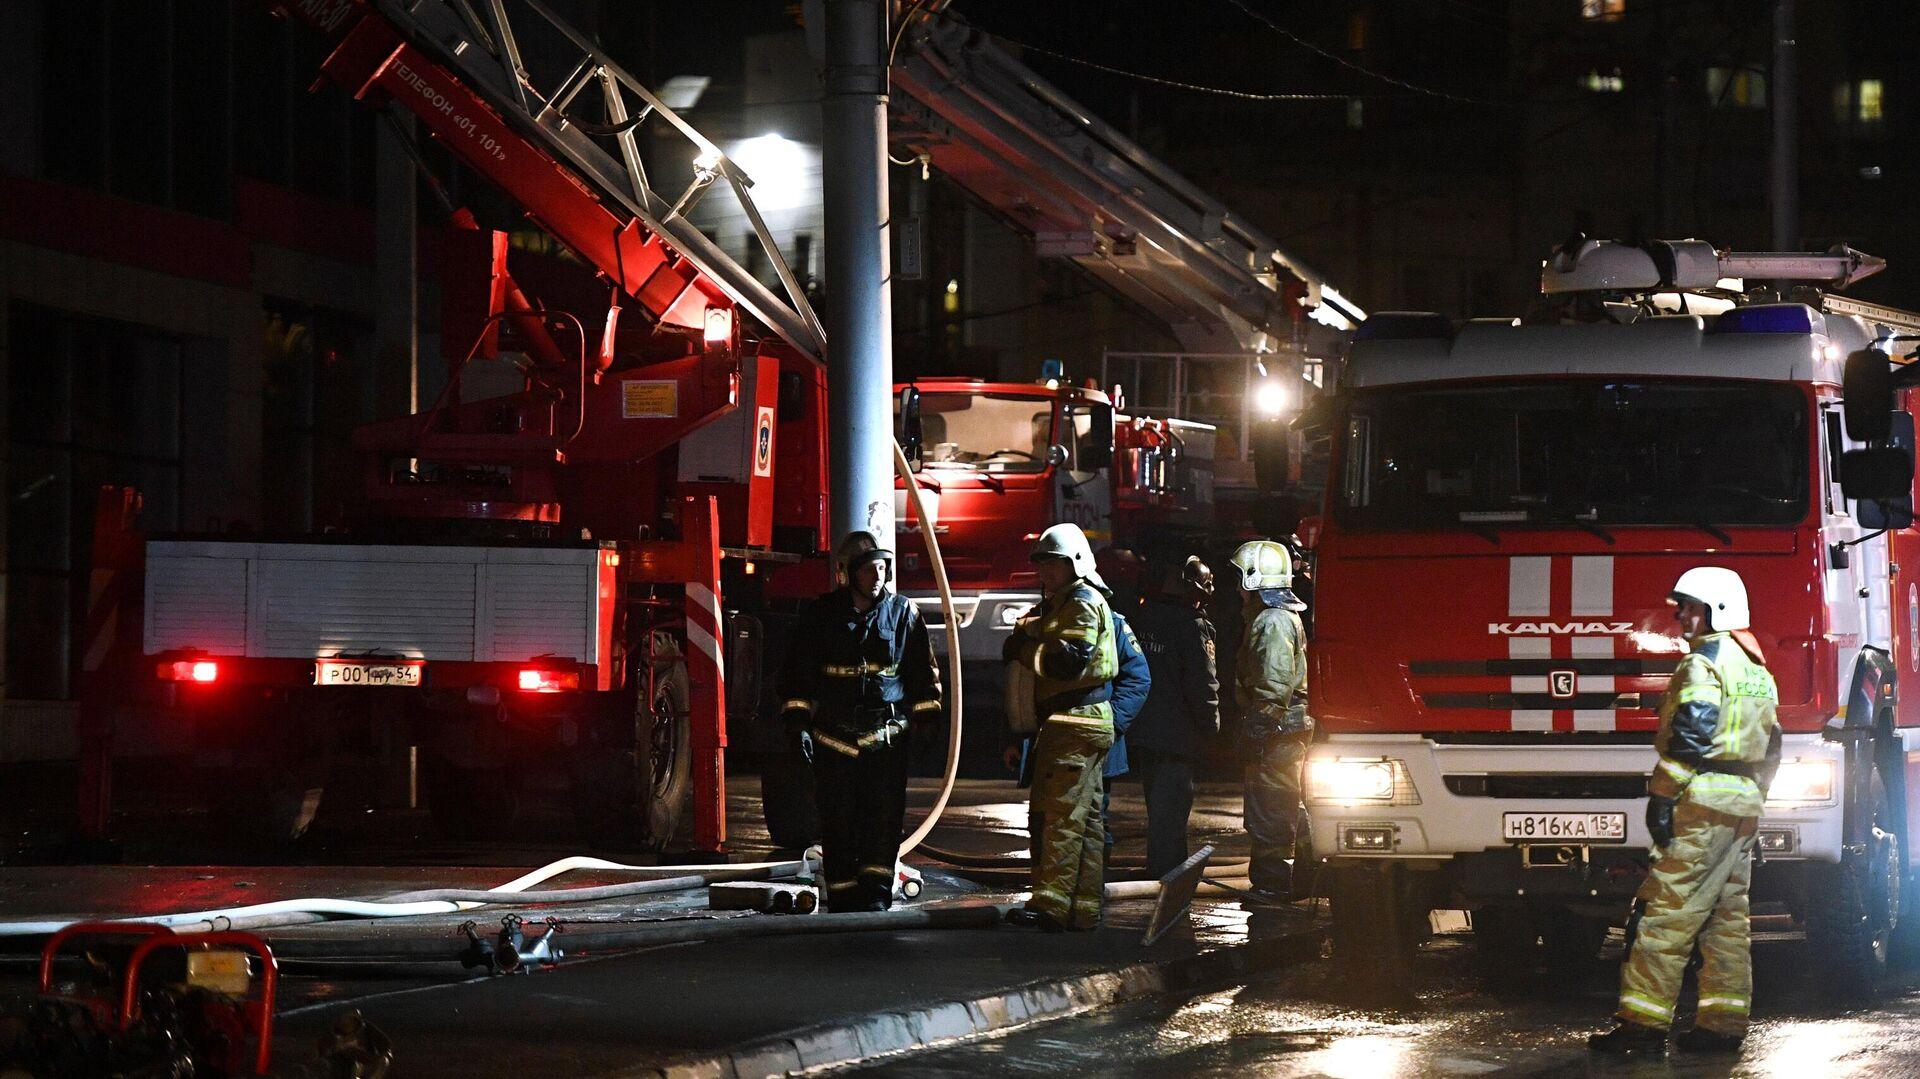 1577958244 0:291:3037:1999 1920x0 80 0 0 6315a812bc863a26342b73f6a442a4c5 - Мужчина c двумя детьми погибли при пожаре в запертом доме в Крыму